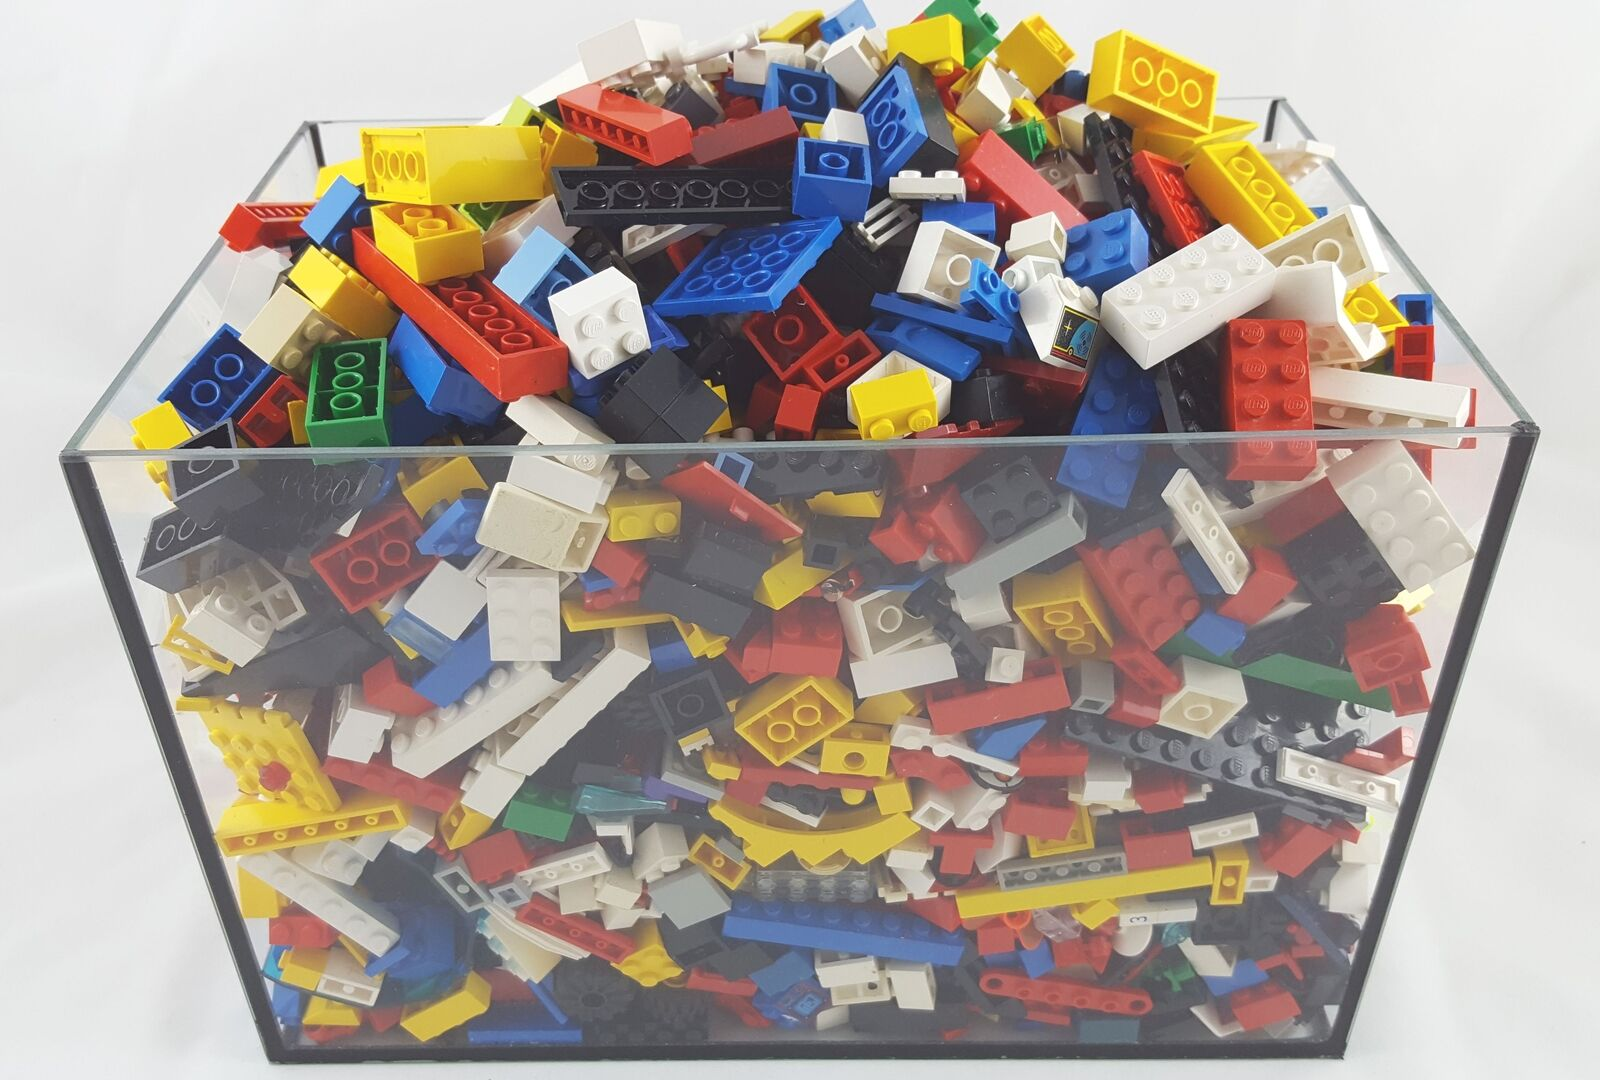 2 KG LEGO briques plaques roues Basic et deux personnages CA 1400 blocs de construction kiloware